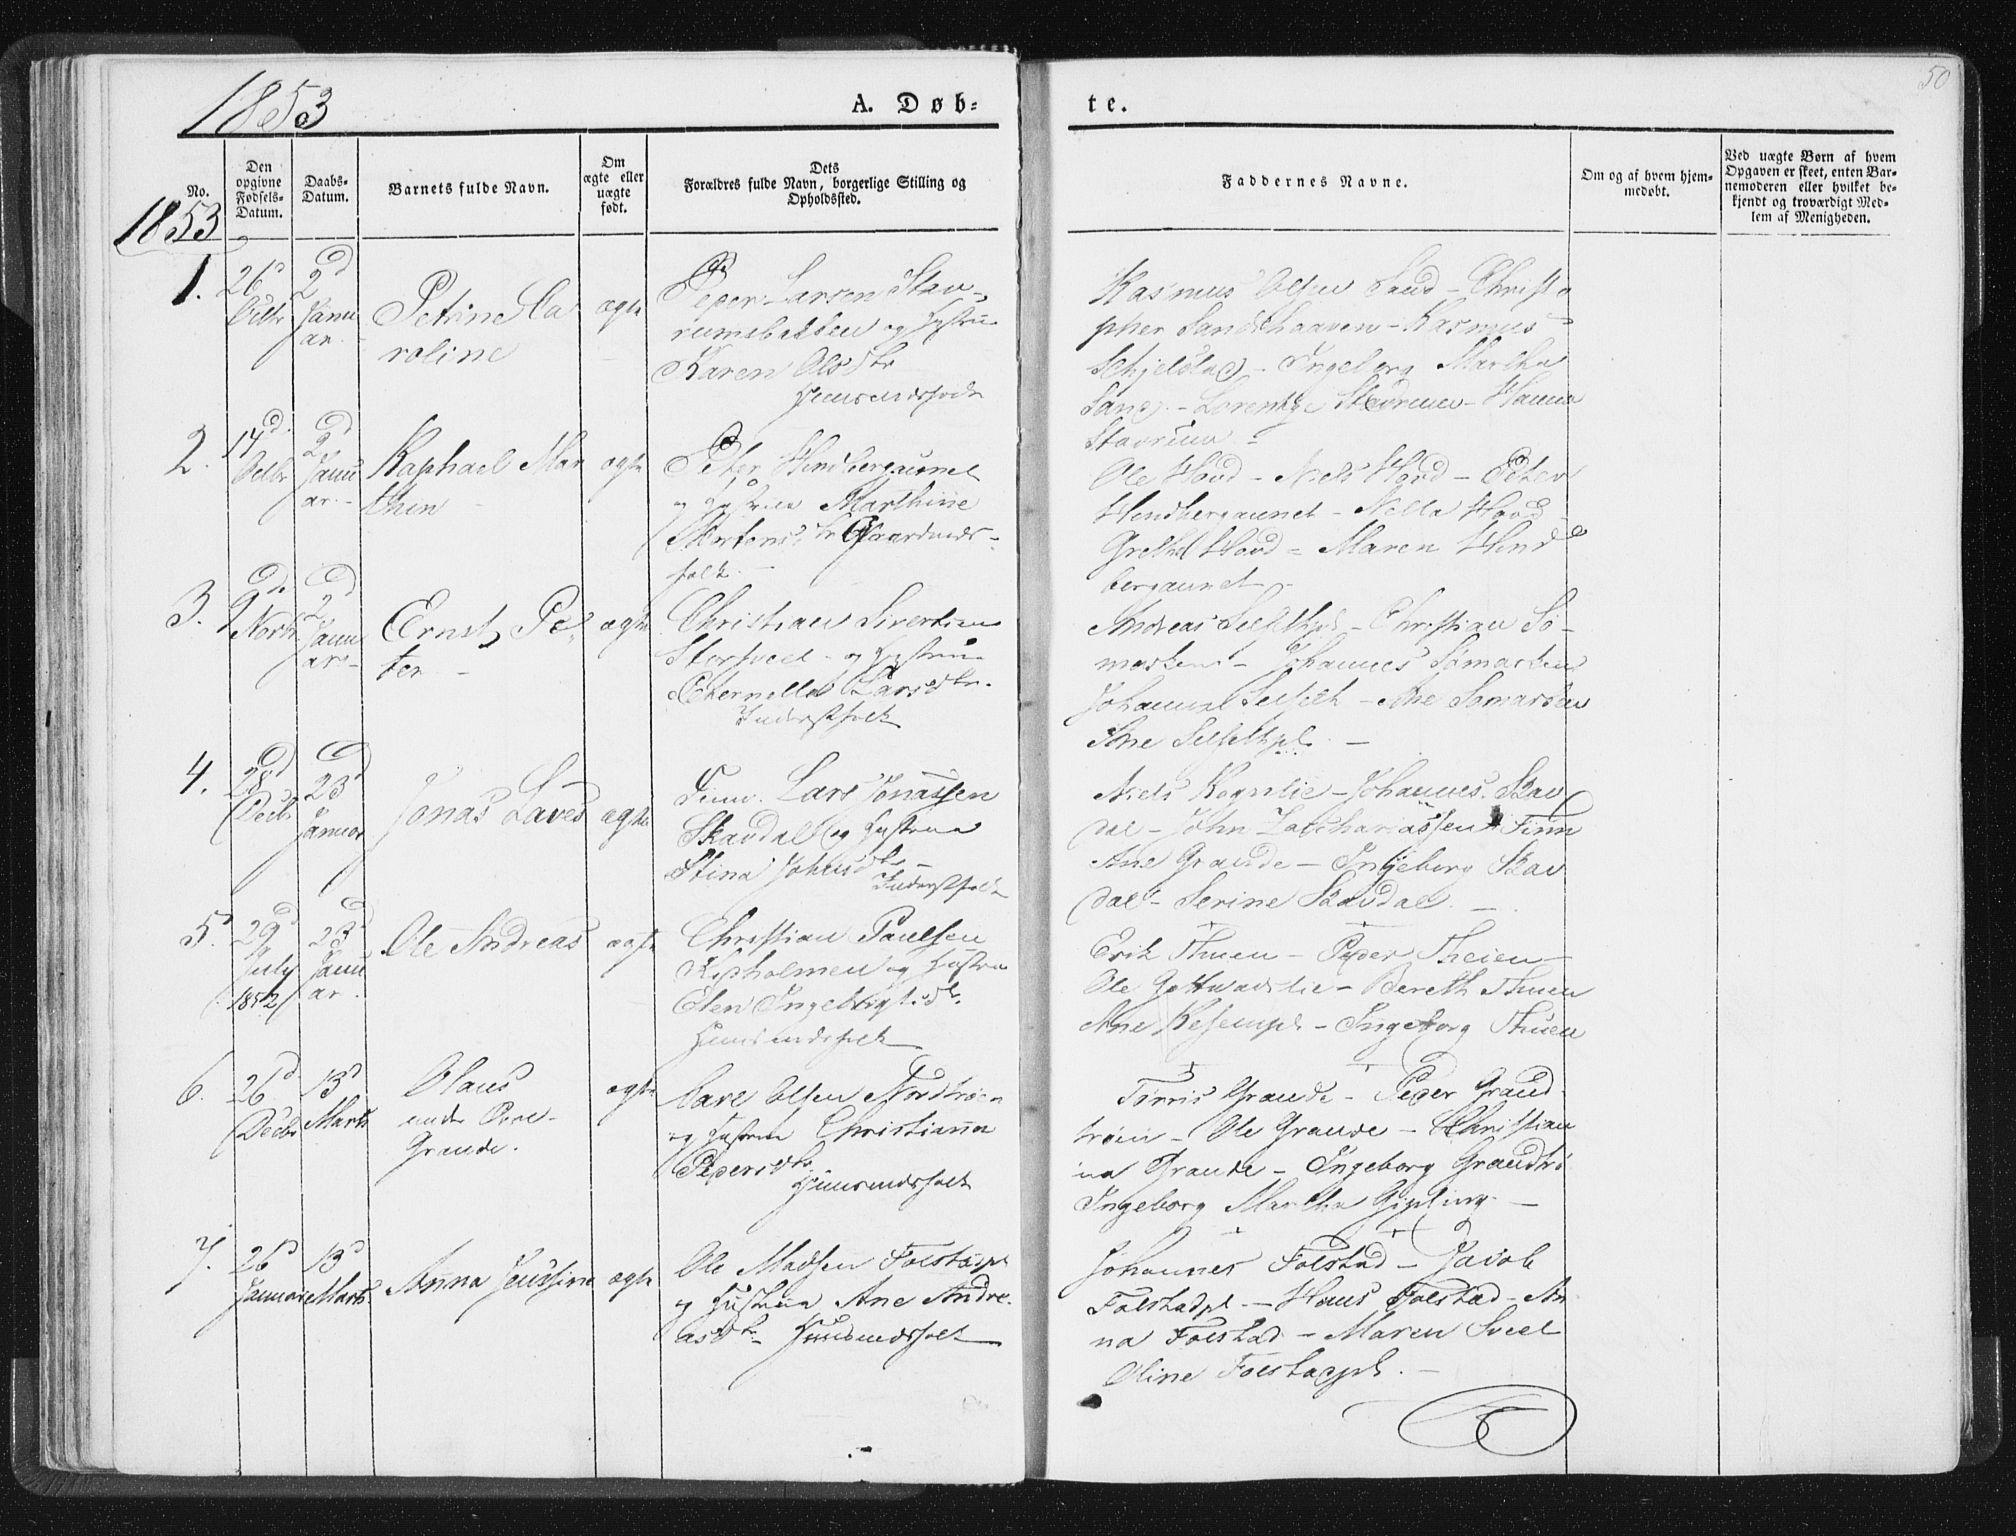 SAT, Ministerialprotokoller, klokkerbøker og fødselsregistre - Nord-Trøndelag, 744/L0418: Ministerialbok nr. 744A02, 1843-1866, s. 50